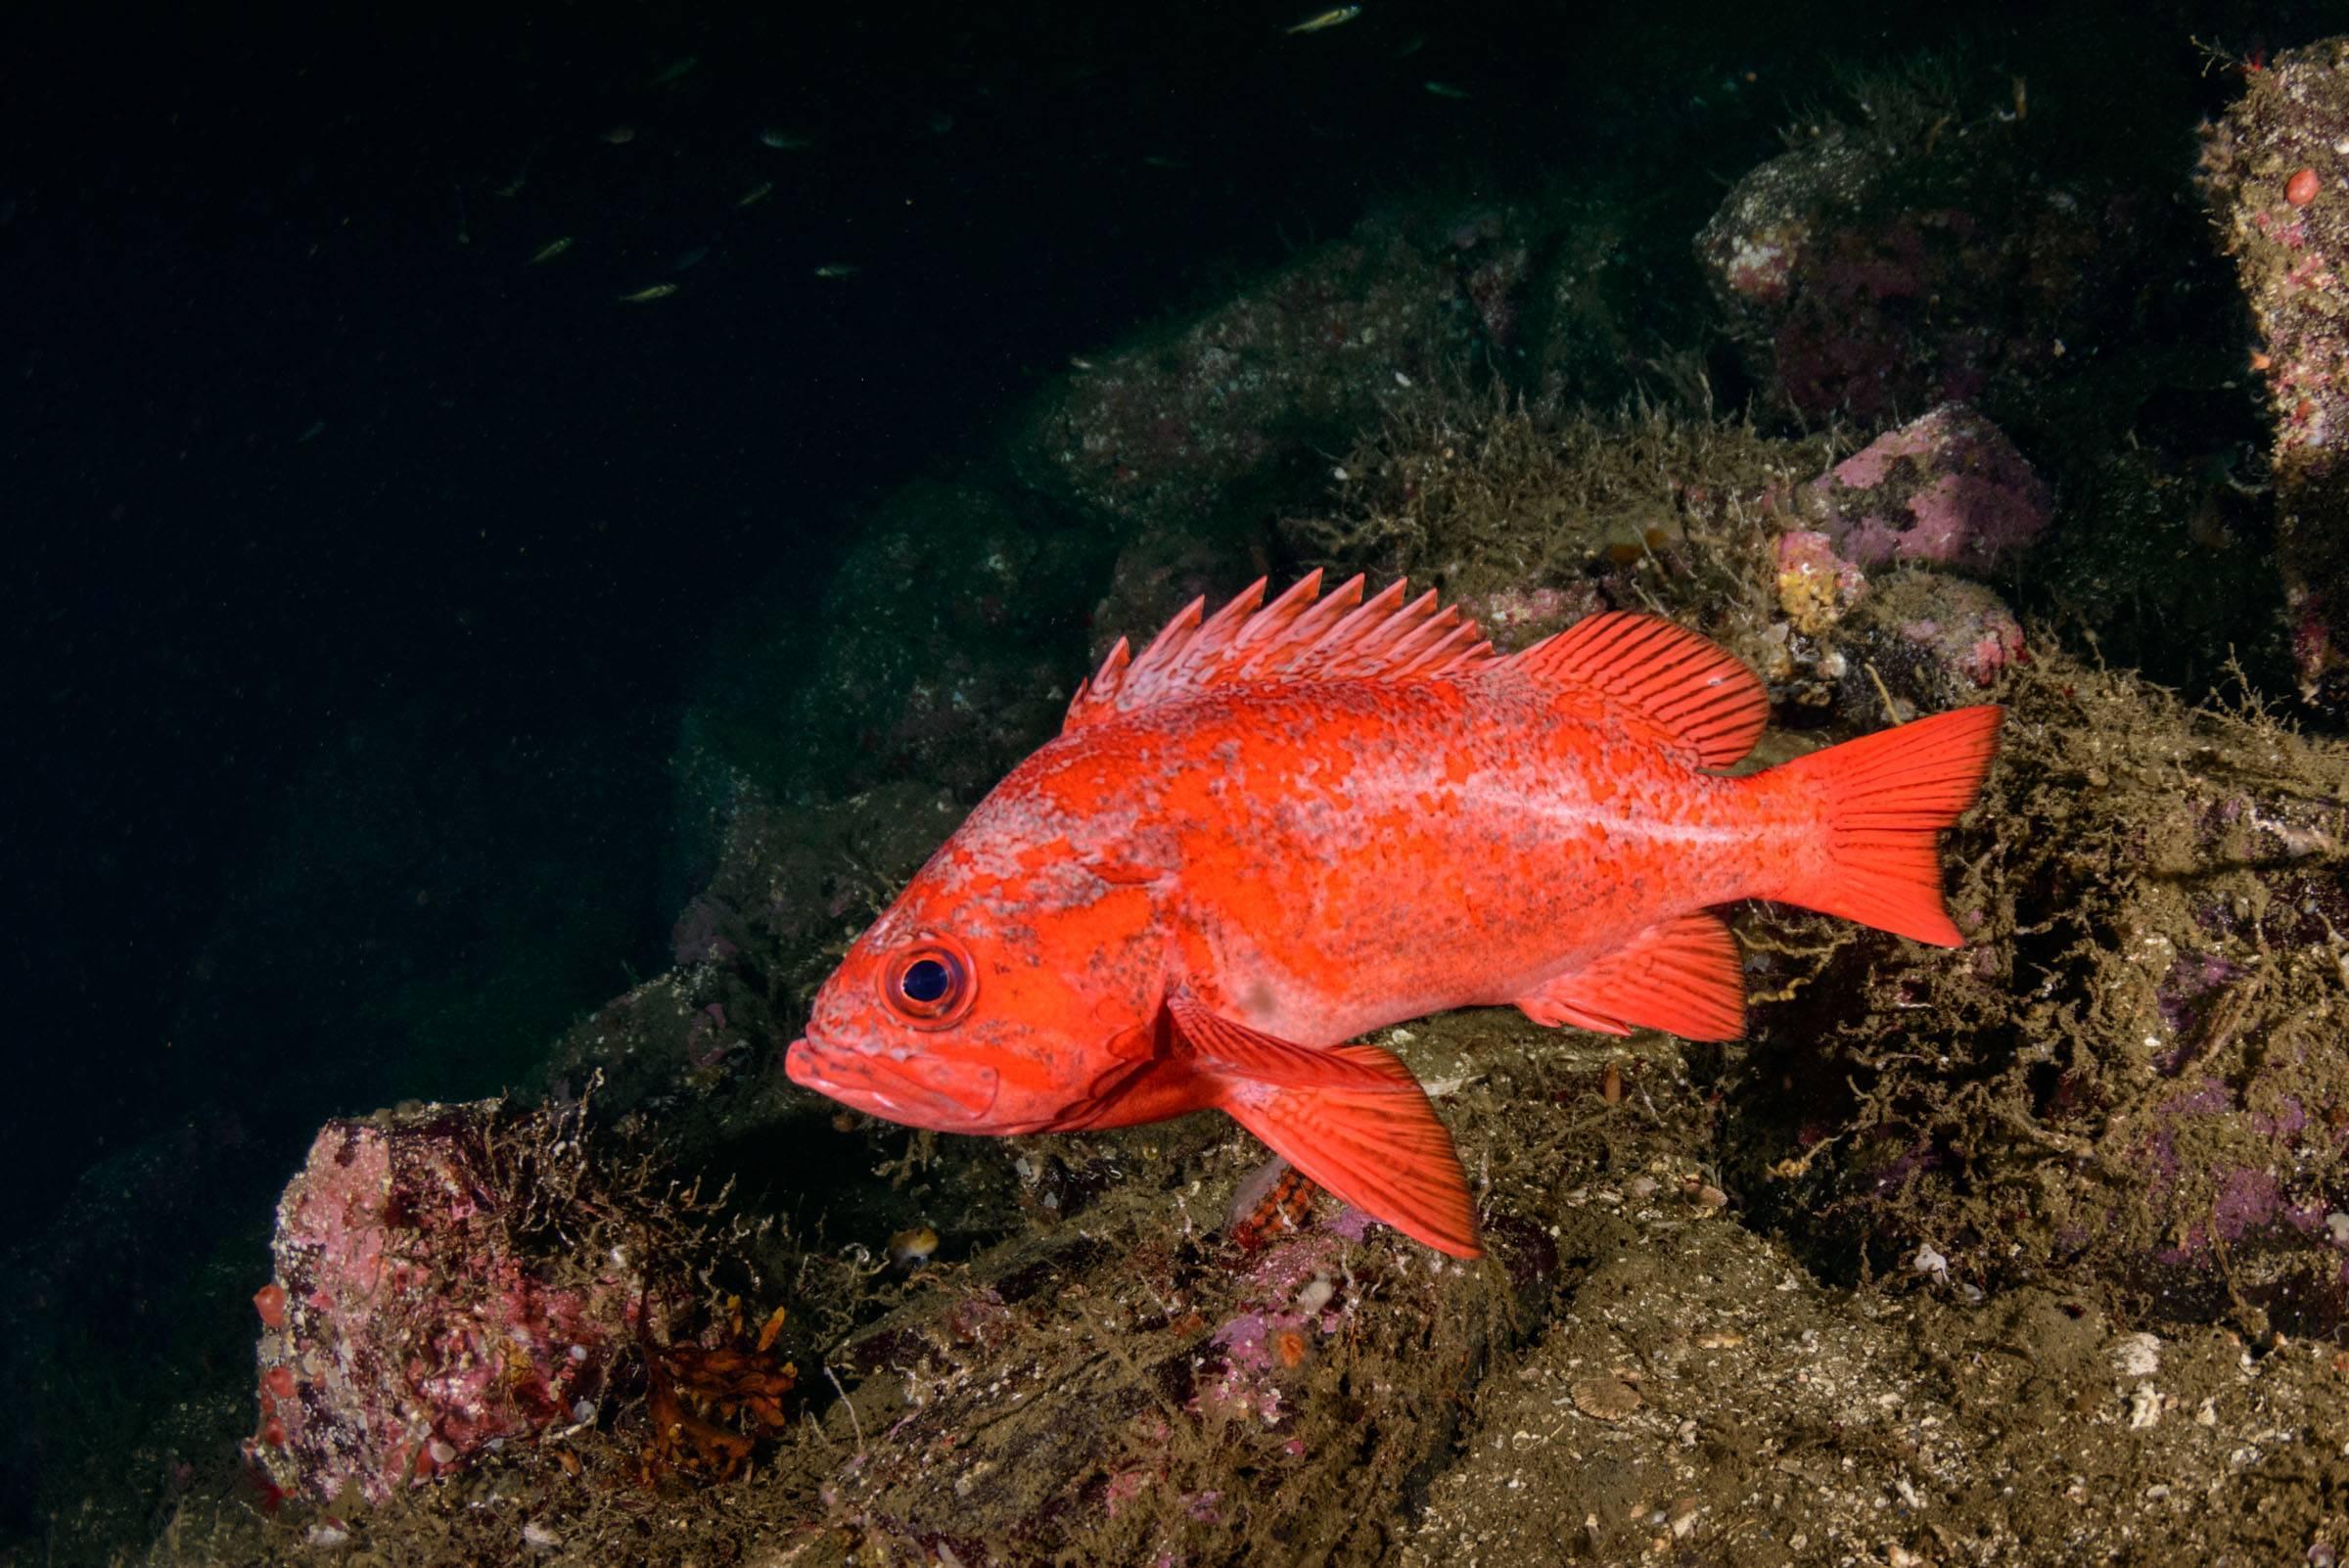 Рыба окунь - образ жизни, питание, полезные и опасные свойства рыбы (90 фото и видео)